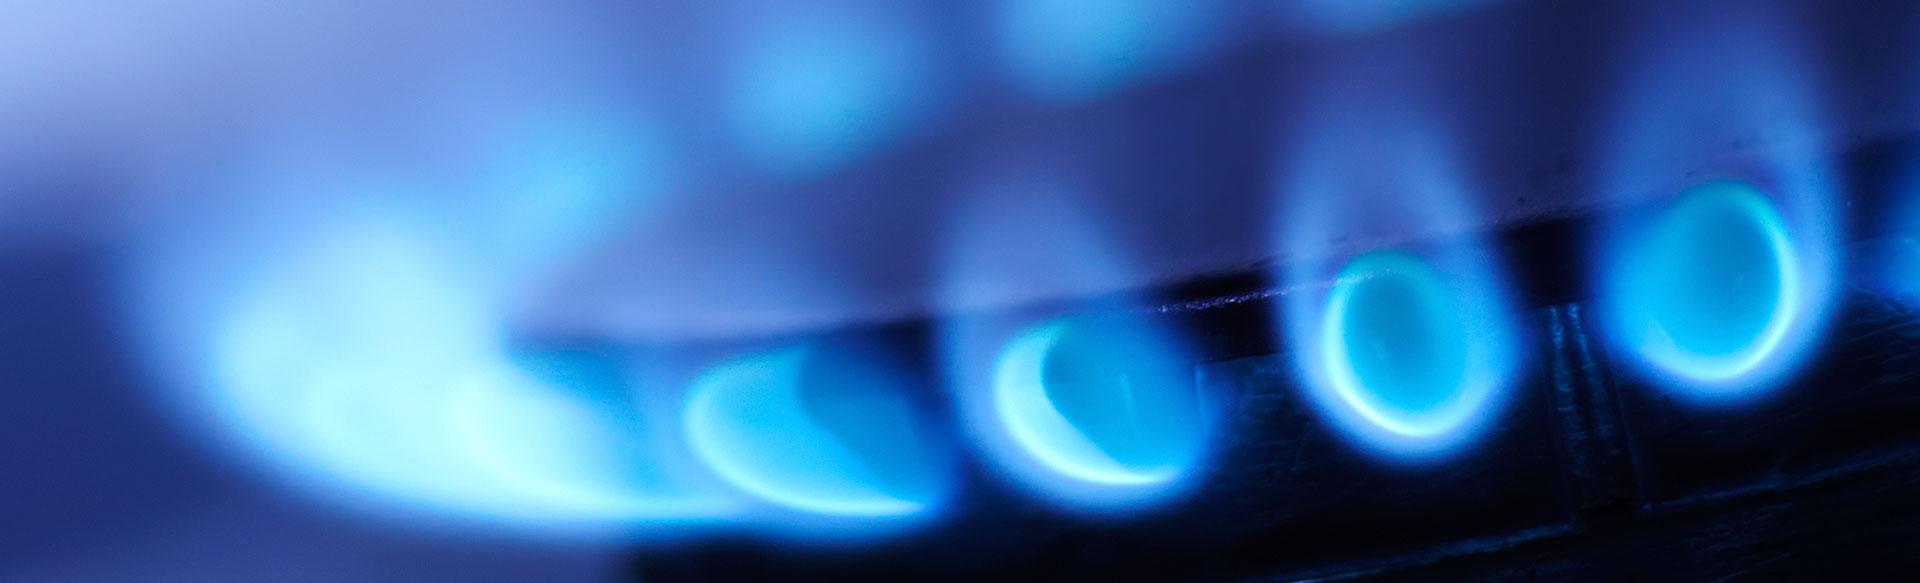 Grupo Vanti Revisión de gas natural para comercio